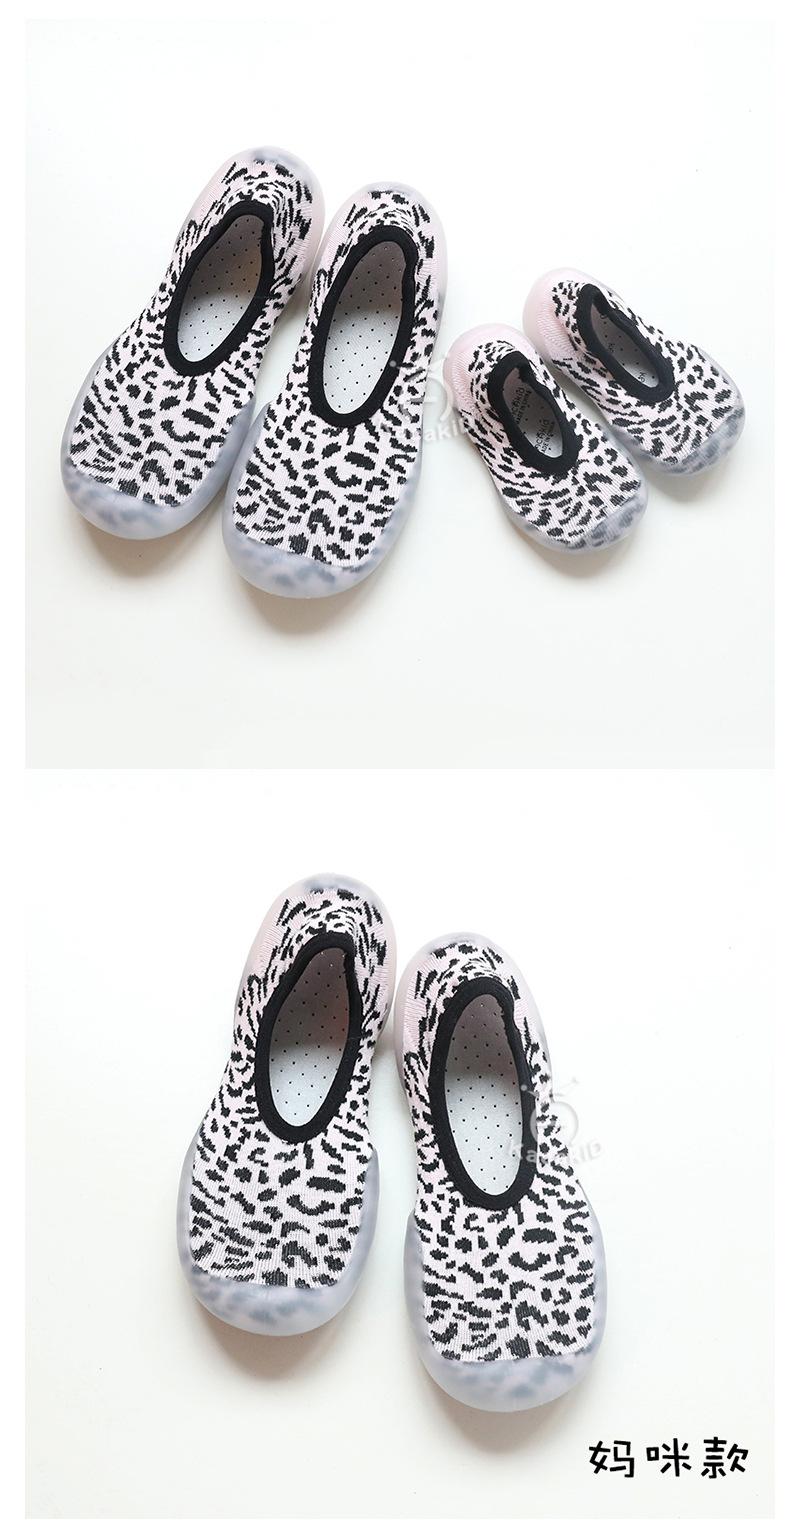 春秋婴儿地板防滑软底童鞋袜春夏秋季宝宝幼儿园亲子室内学步鞋详细照片